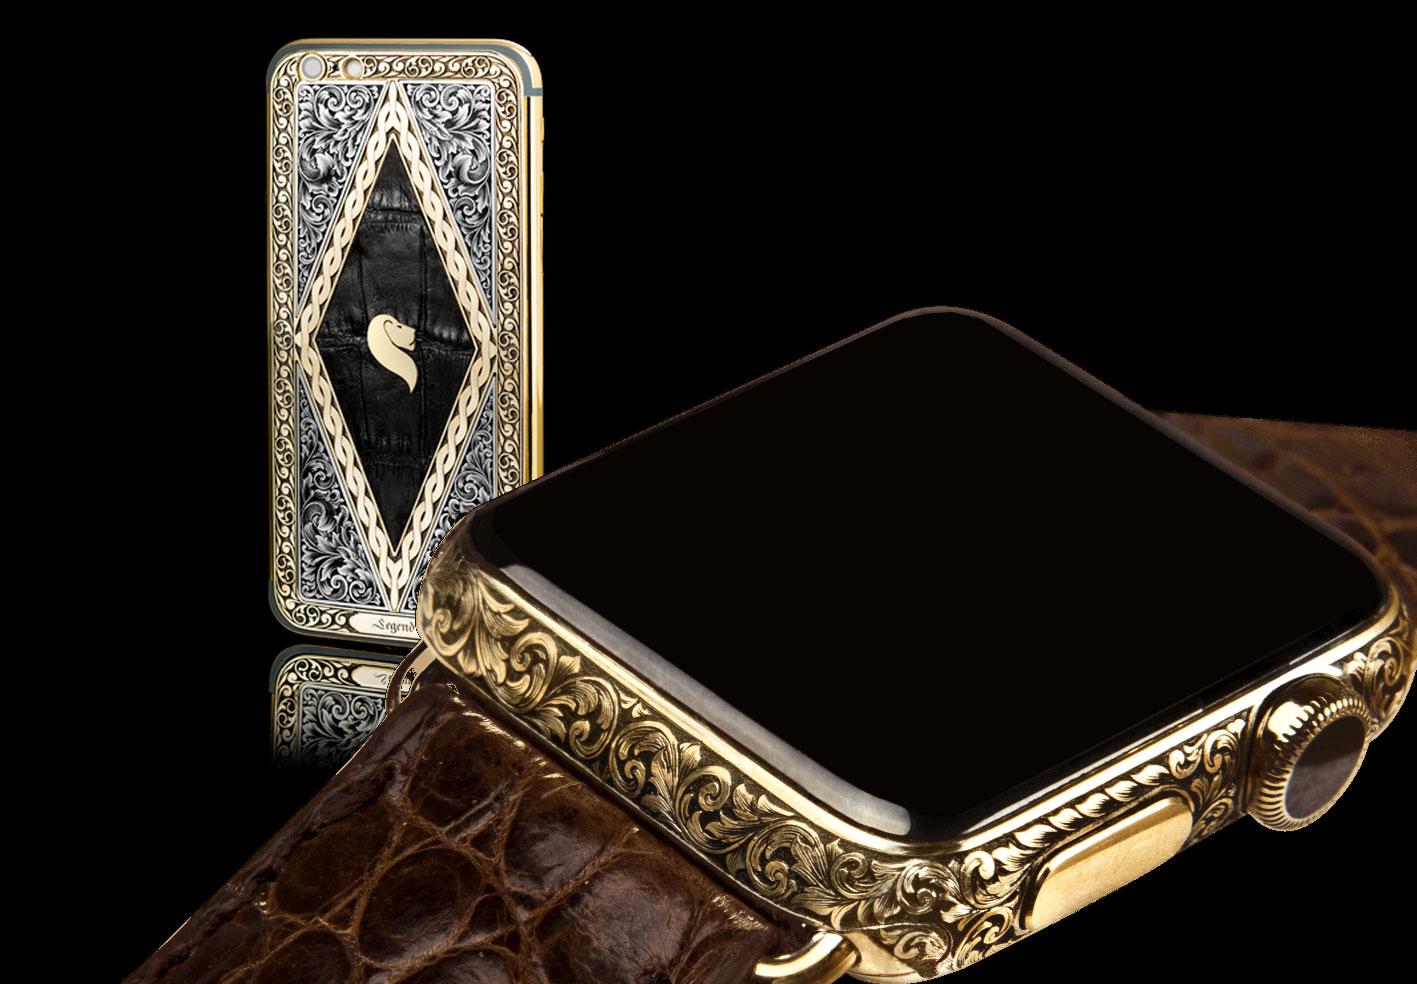 Legend Unveils First Hand-Engraved Luxury Apple Watch